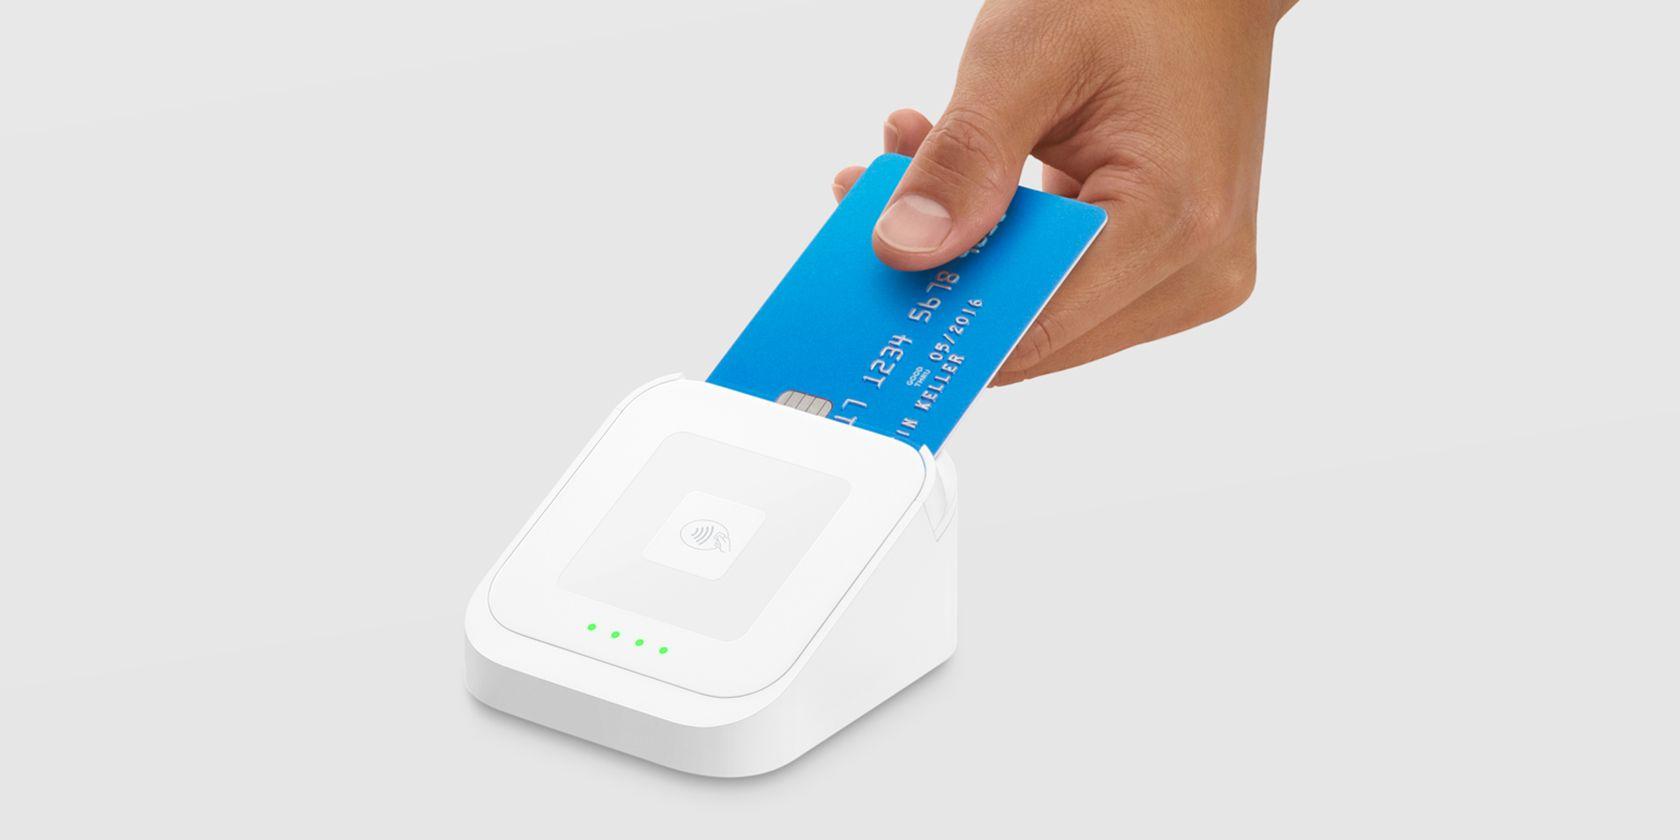 Carte de crédit insérée